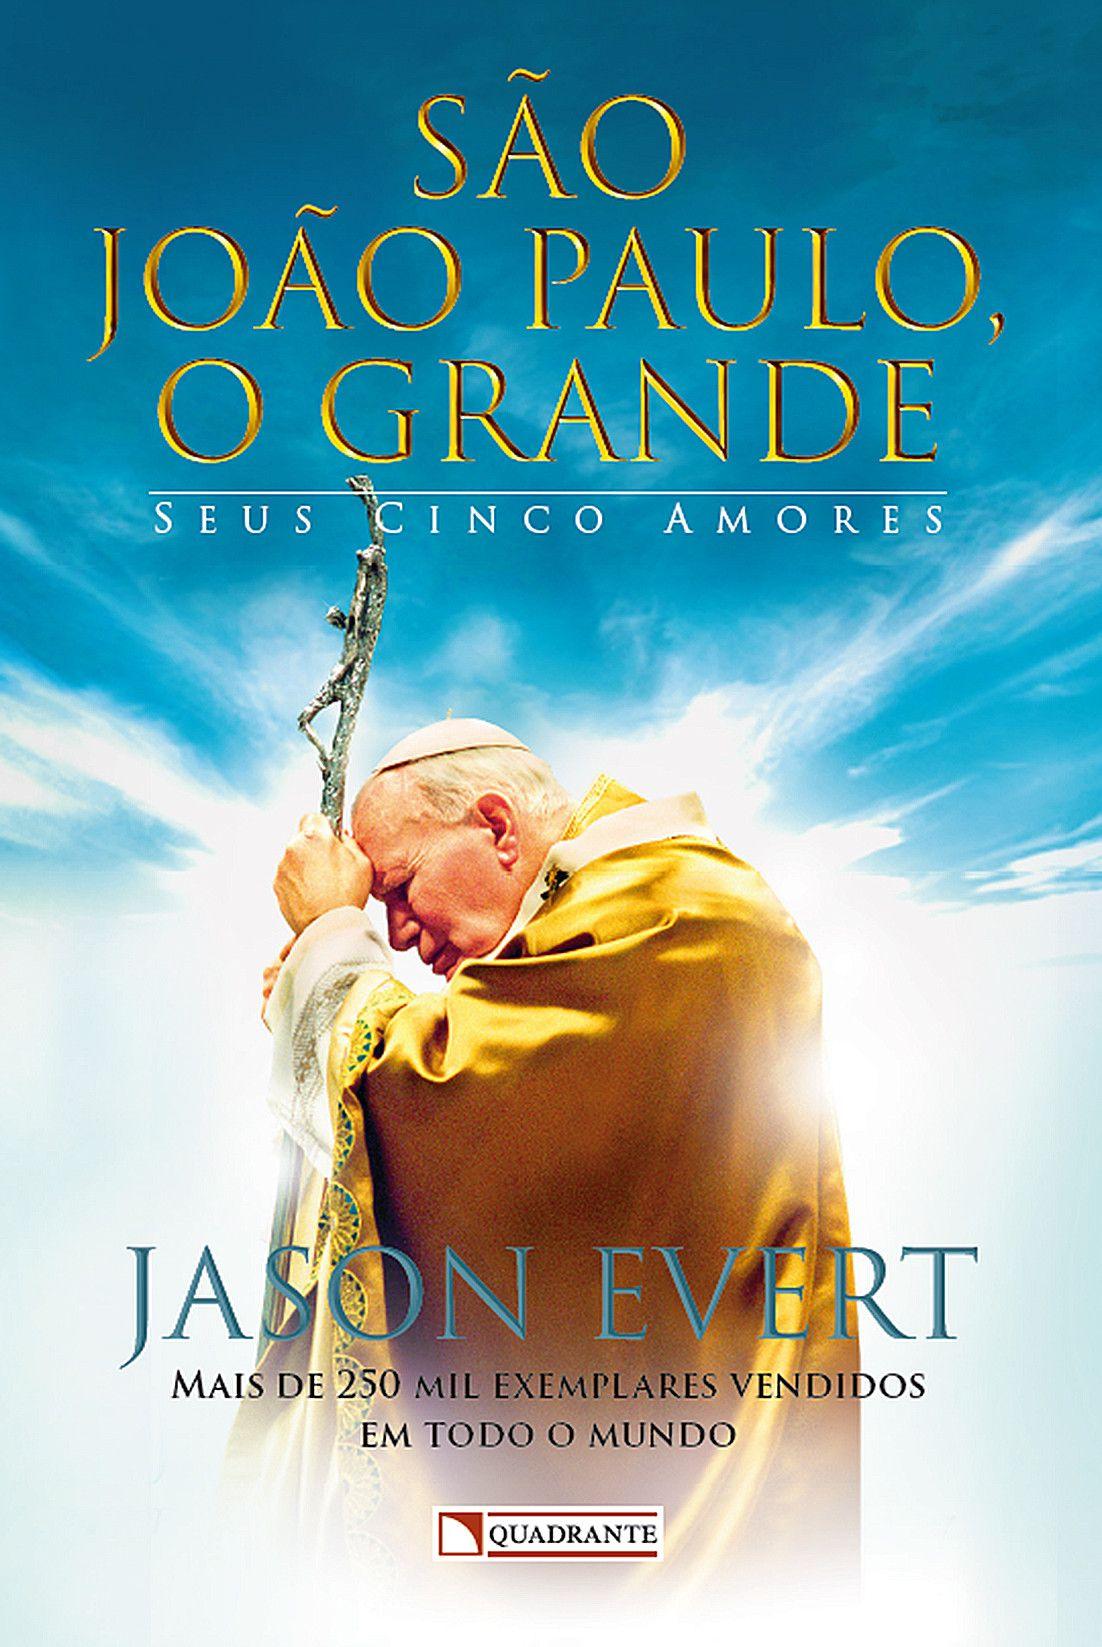 Livro São João Paulo, o grande